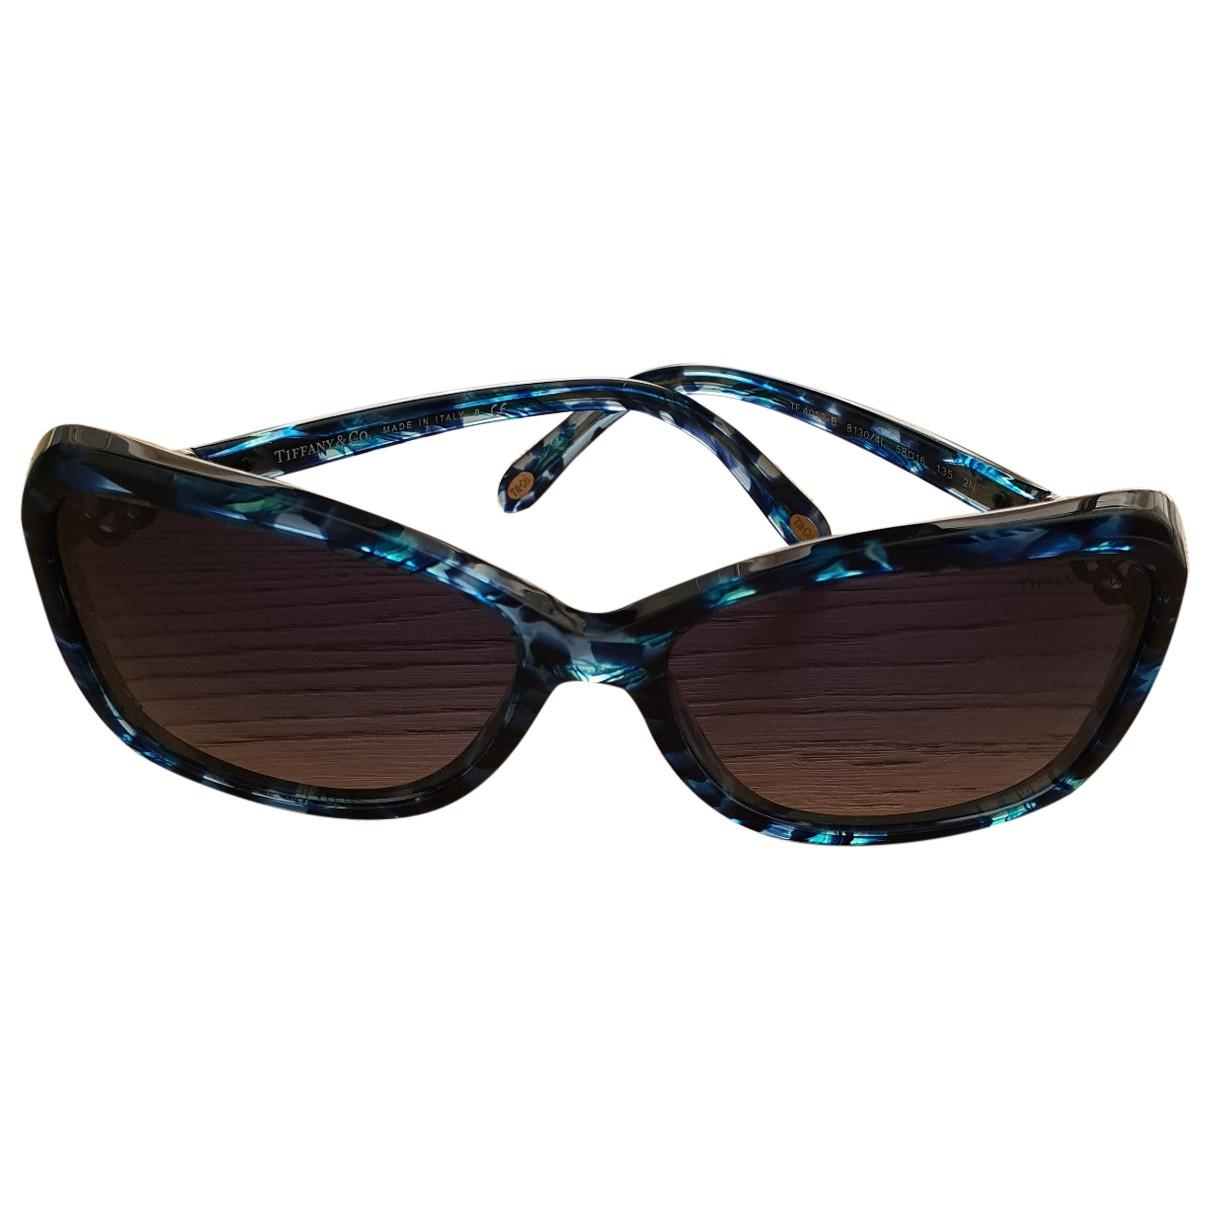 Tiffany & Co - Lunettes   pour femme - bleu